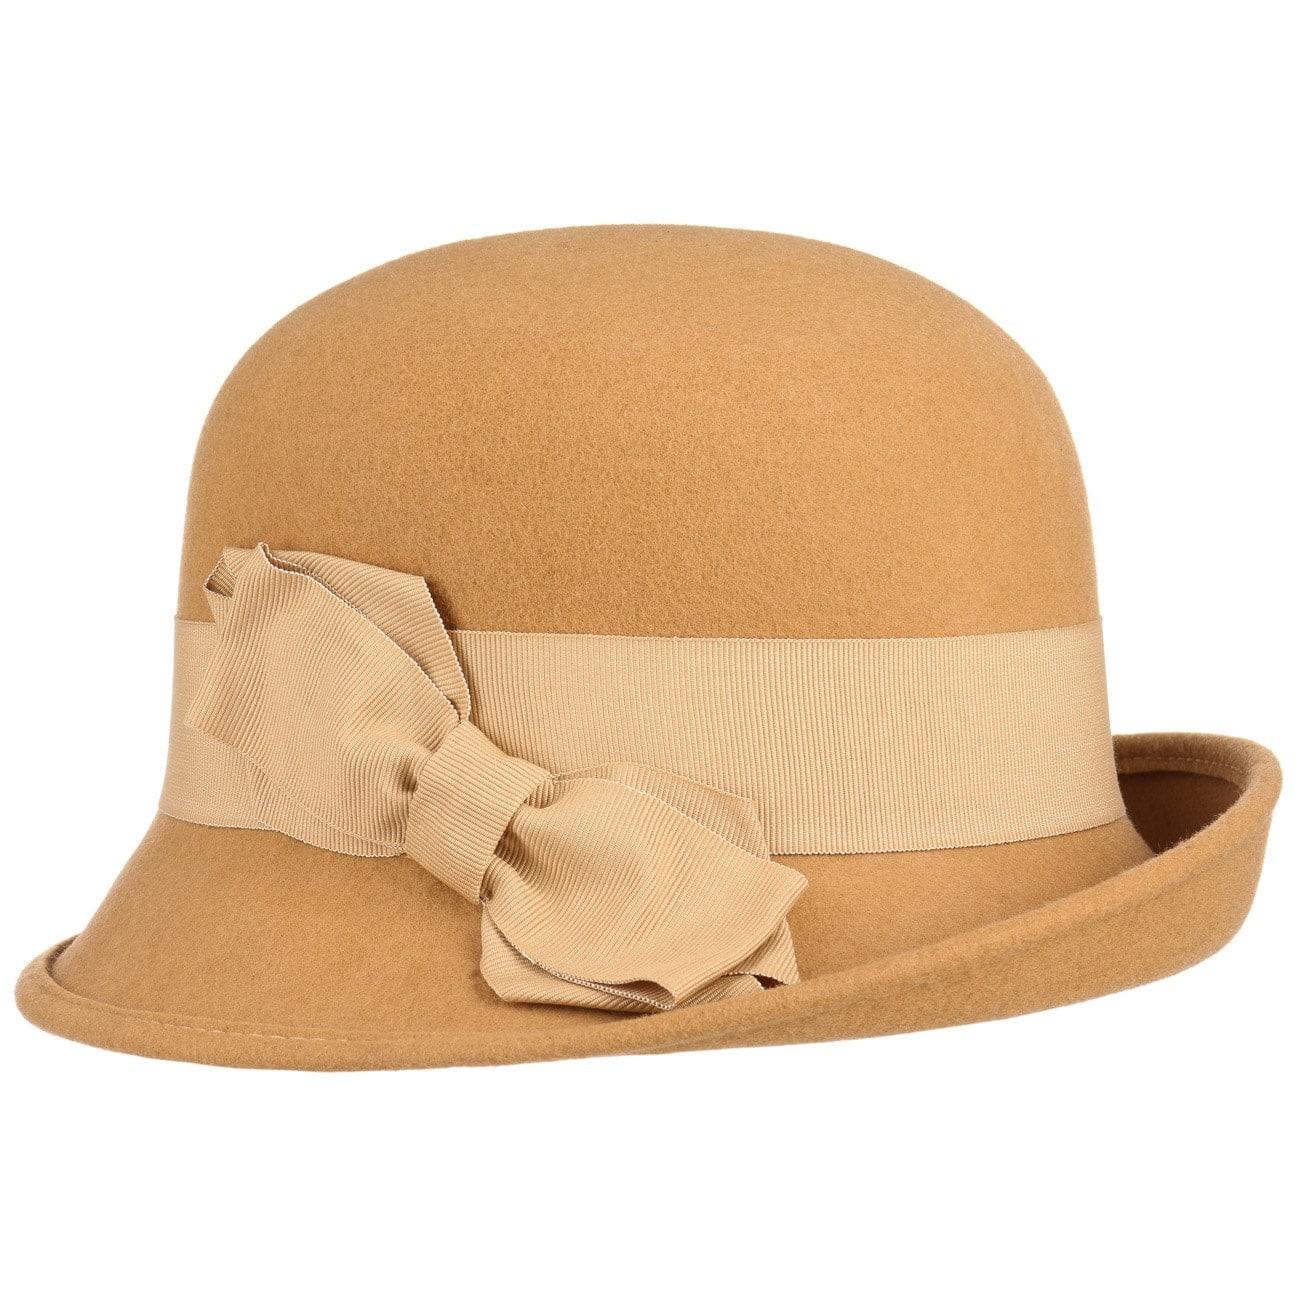 Sombrero Cloch? Lazo de Fieltro by Bront?  sombrero cloch